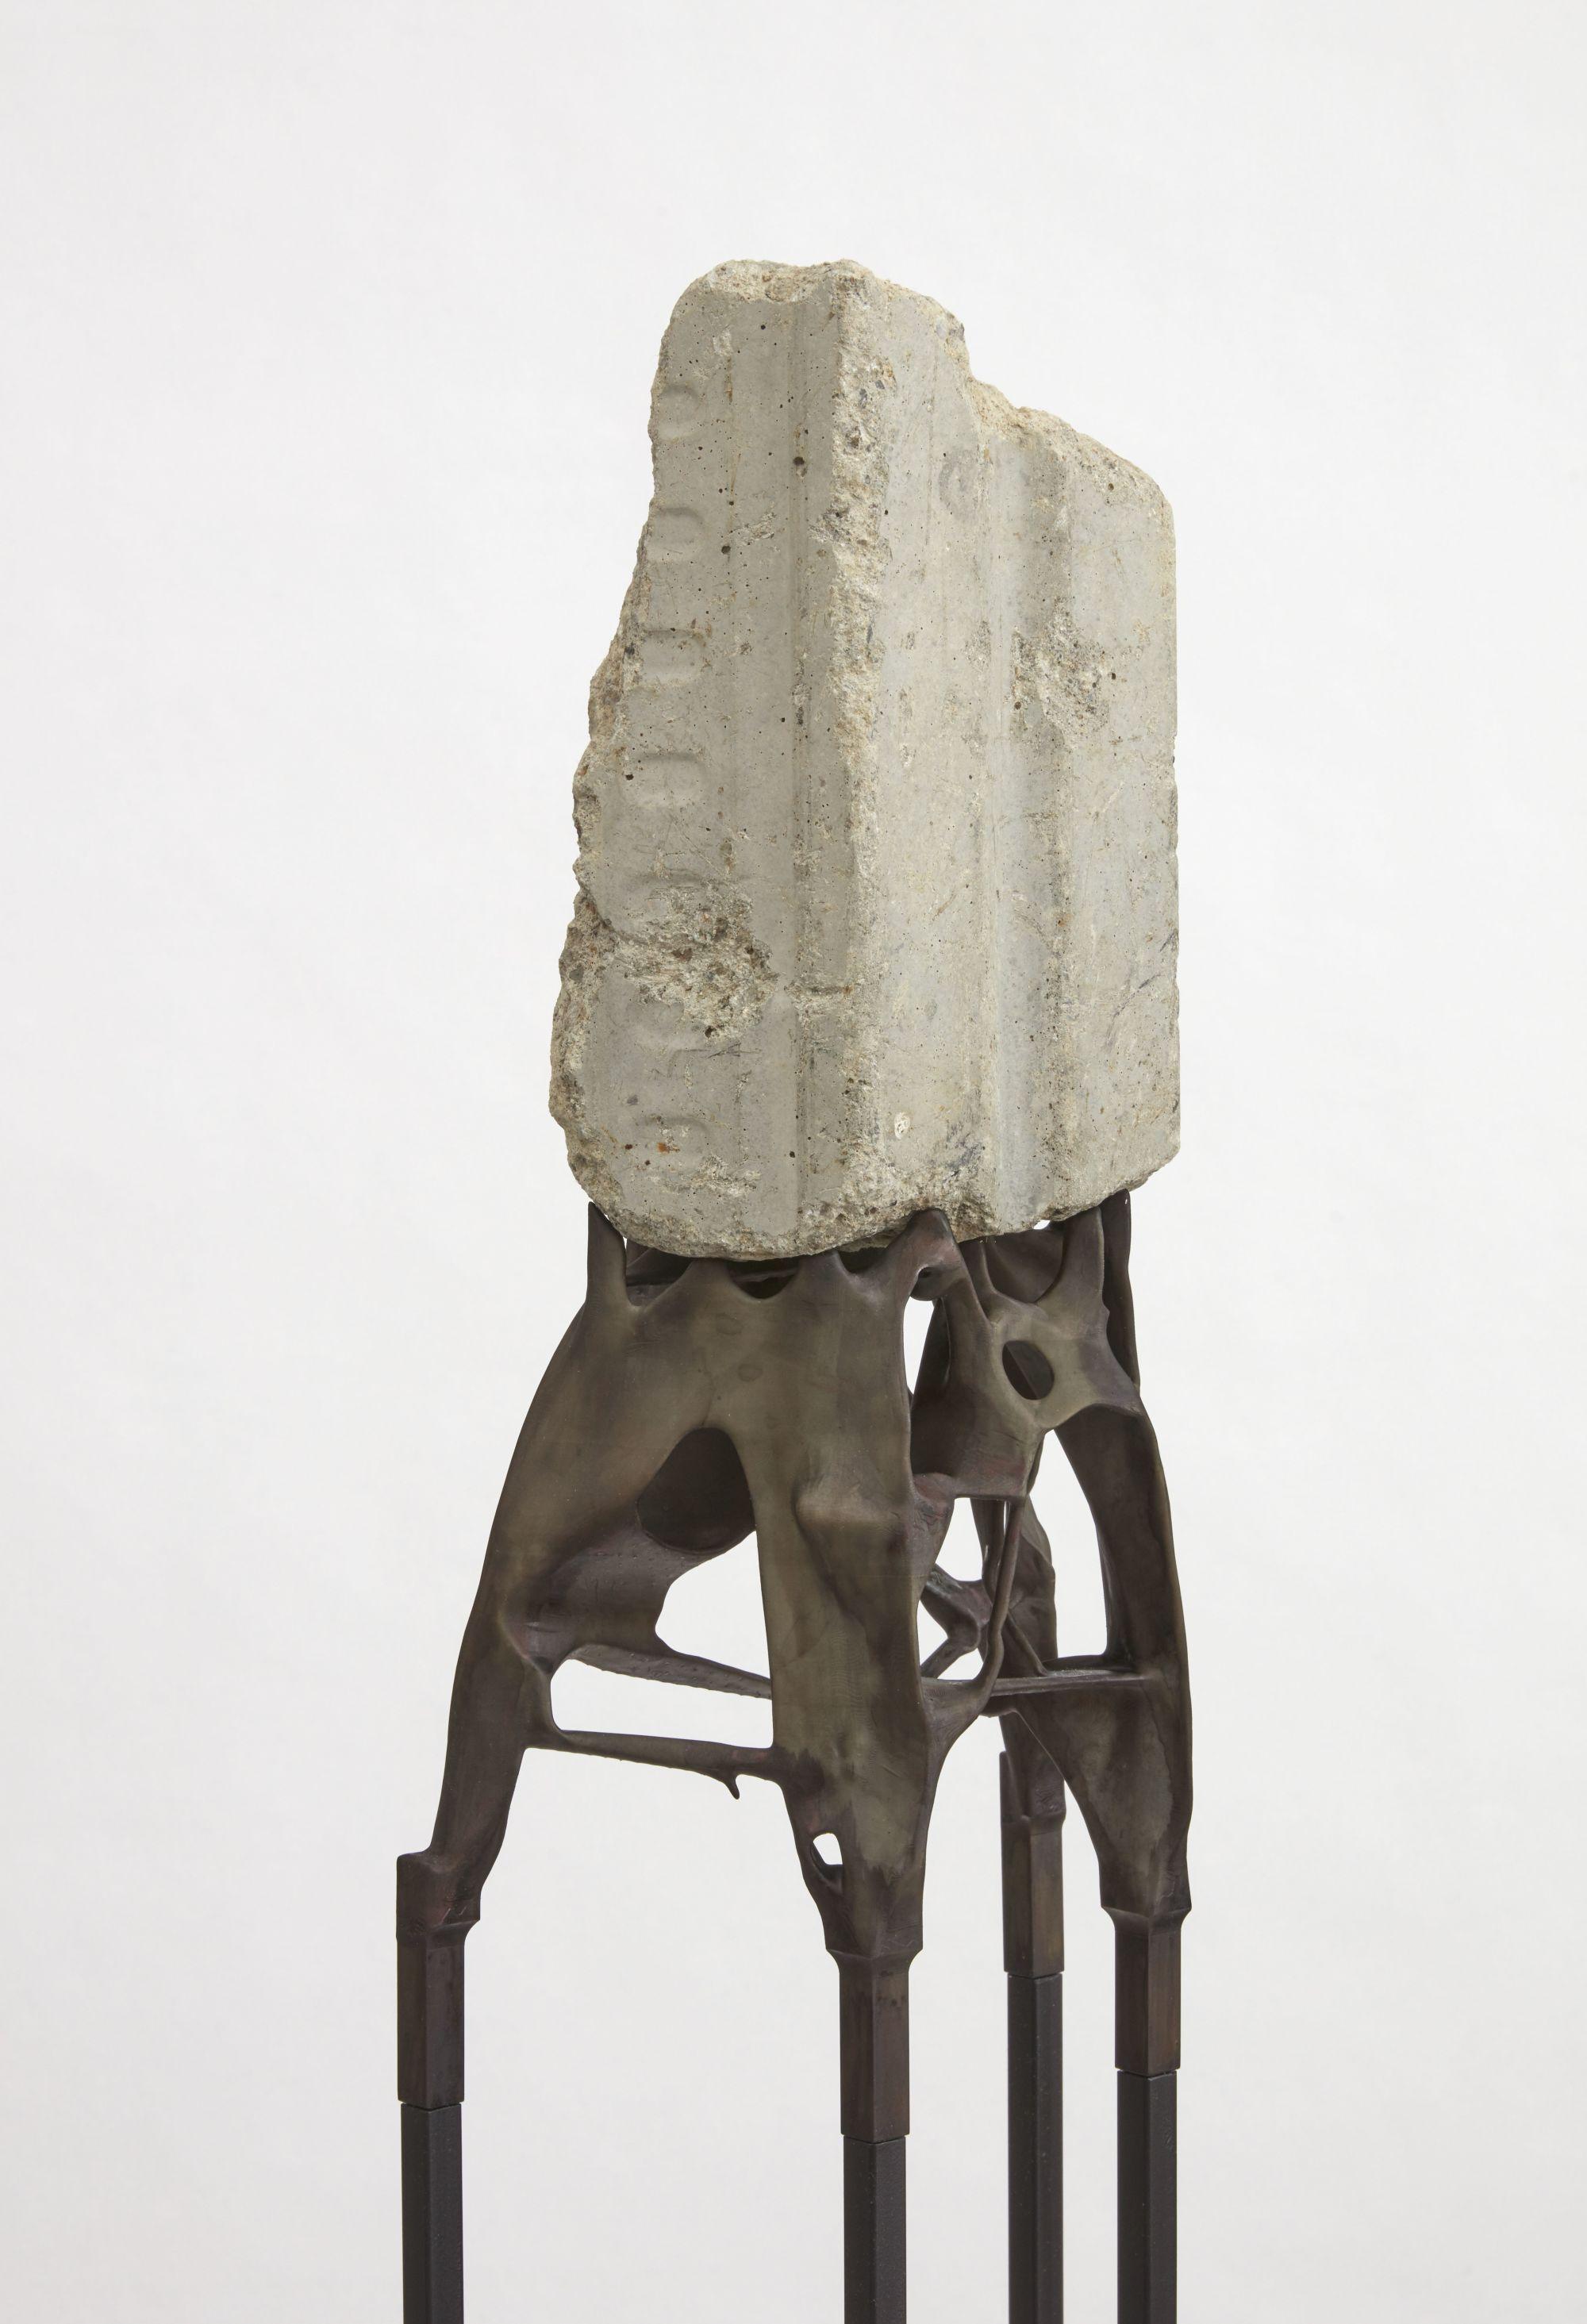 Manifold Prosthetic for Museum Fragment 2, detail